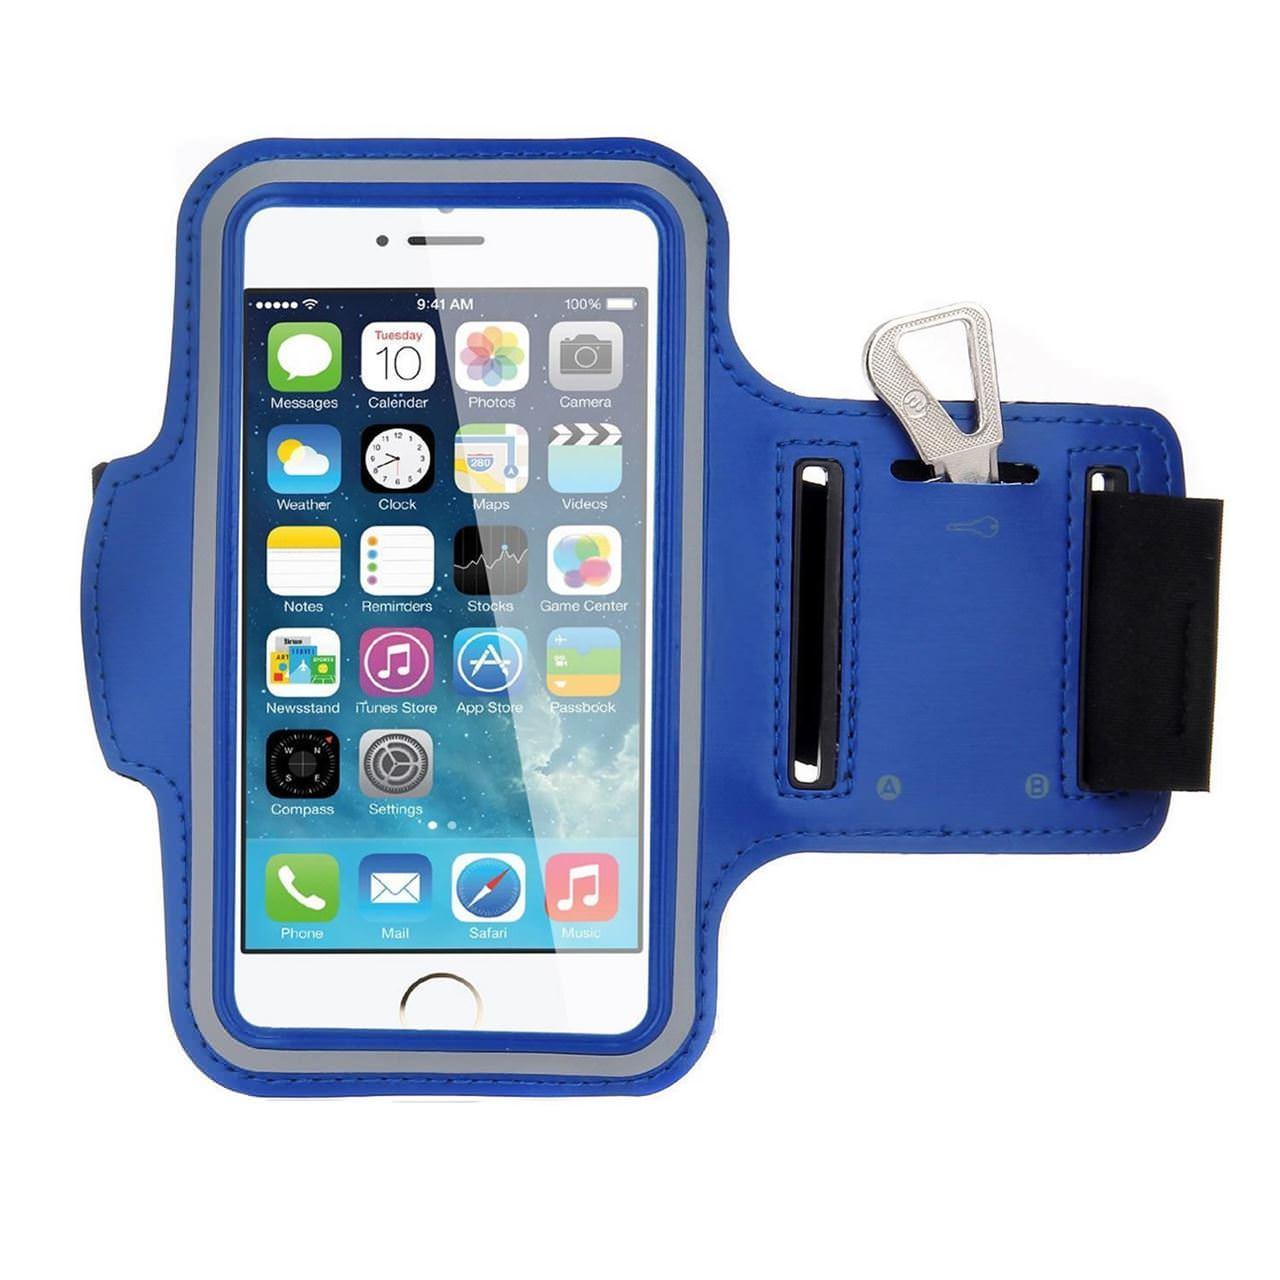 Купить Синий спортивный чехол на руку для iPhone 5, 5, Комбинированный